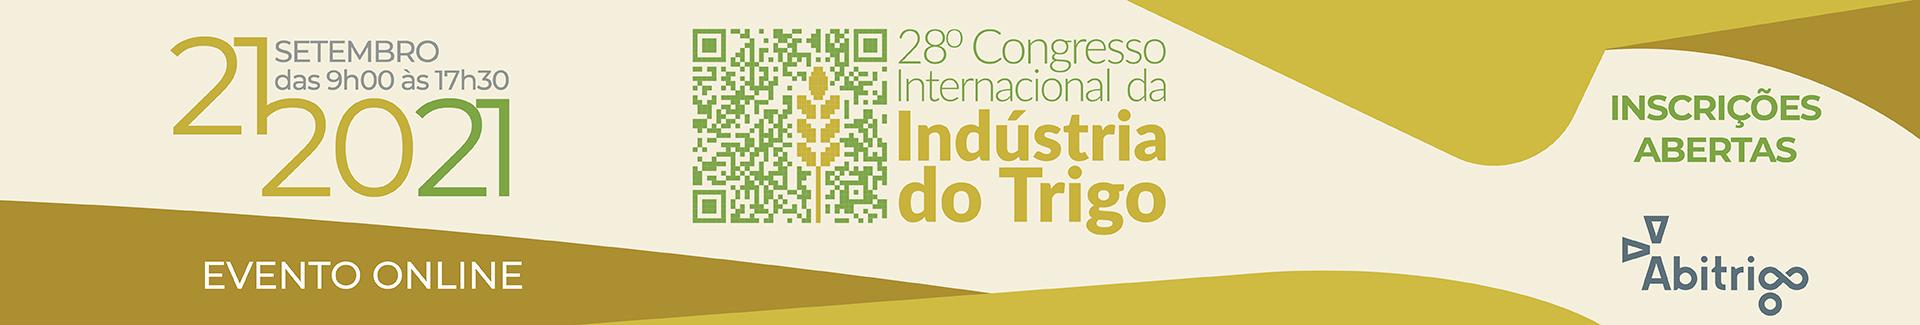 28º Congresso Internacional da Indústria do Trigo